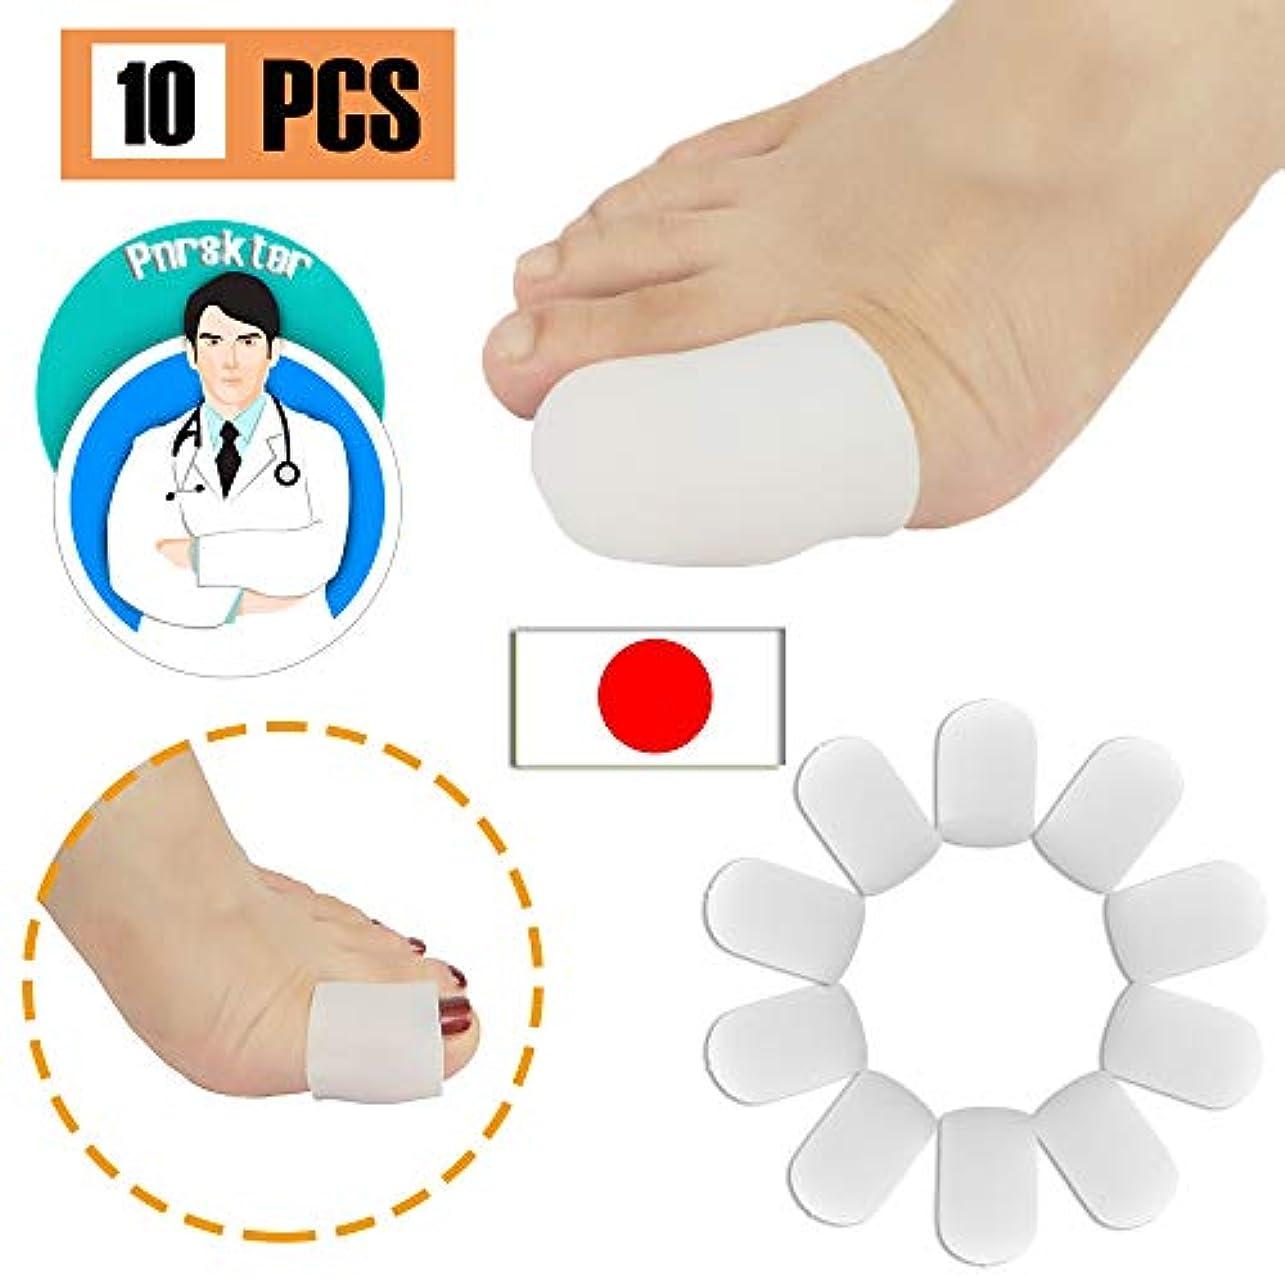 視線申請者オーナメントジェル 足指 足の親指 キャップ プロテクター スリーブ 新素材 水疱 ハンマートゥ 陥入爪 爪損傷 摩擦疼痛などの緩和 (足の親指用)(10個入り)